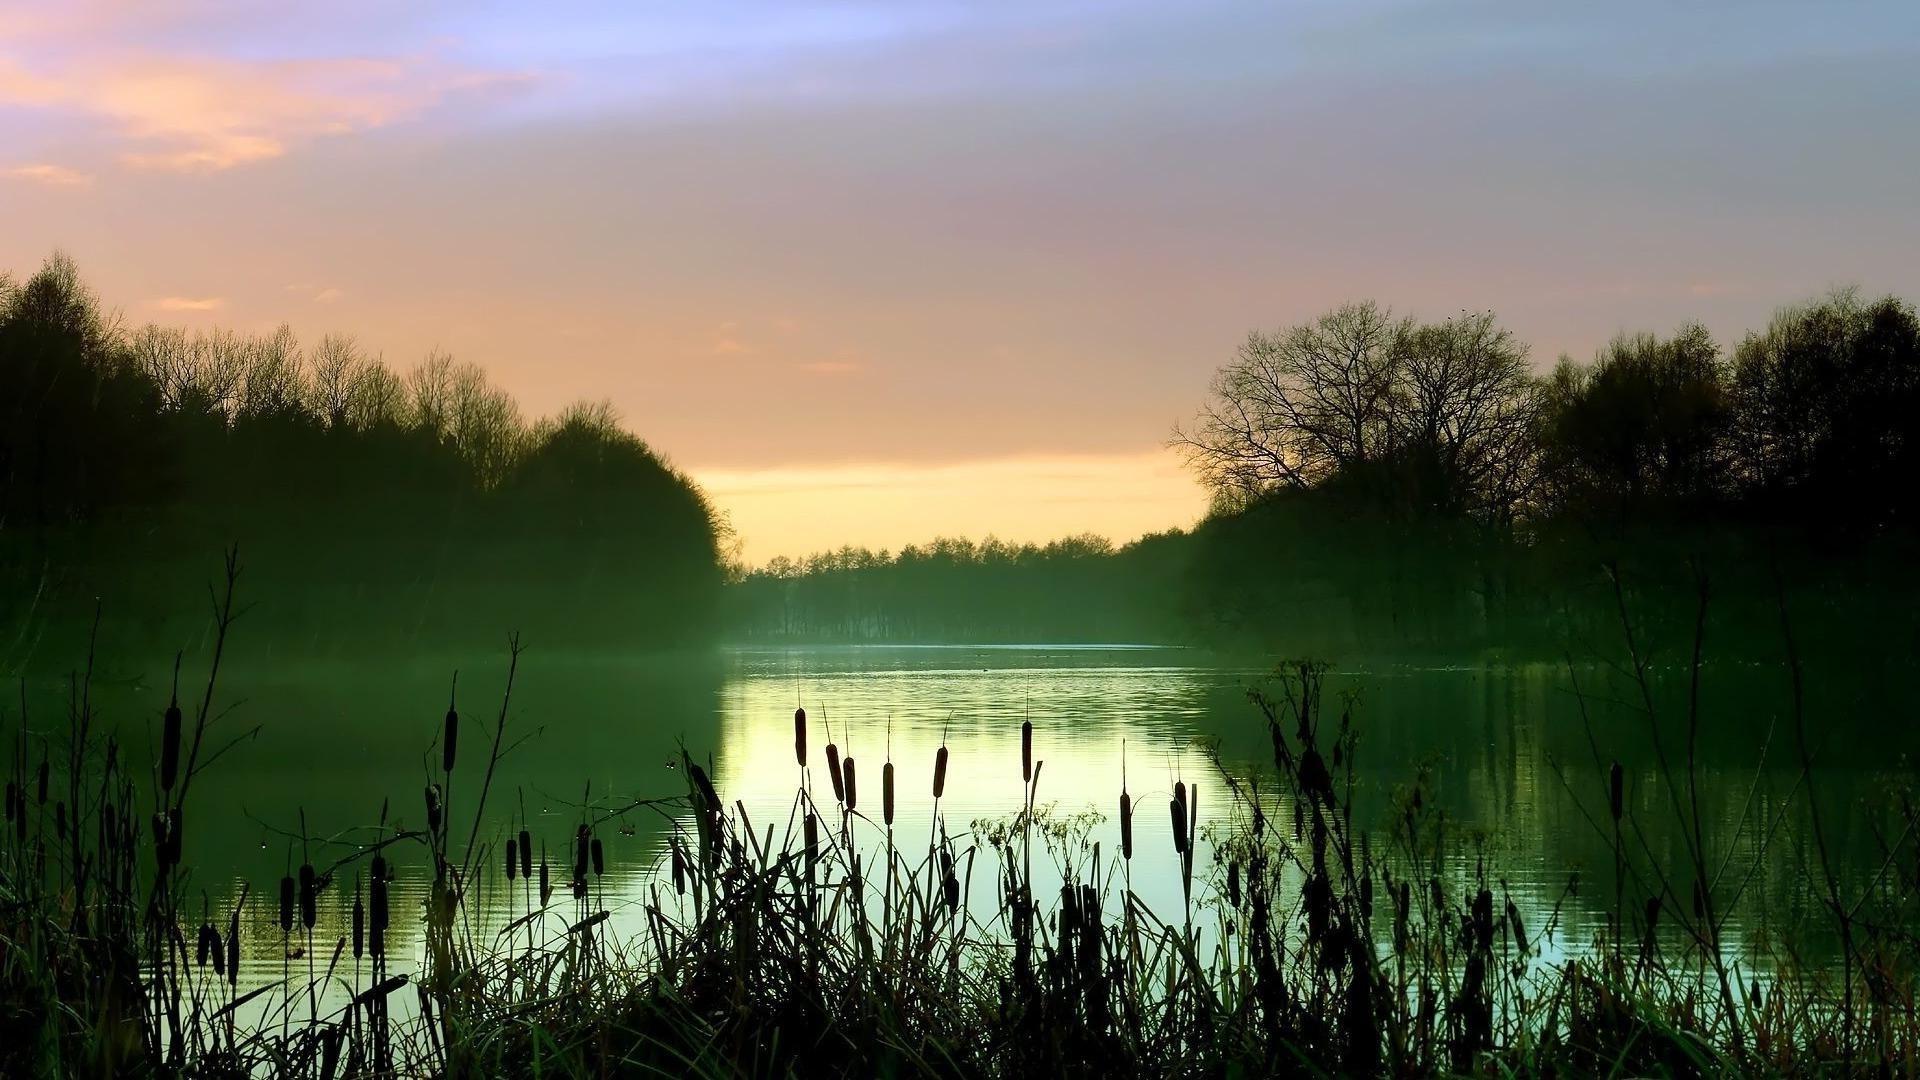 Christian Zennaro Sunrise On The Lake Sunrise over lake